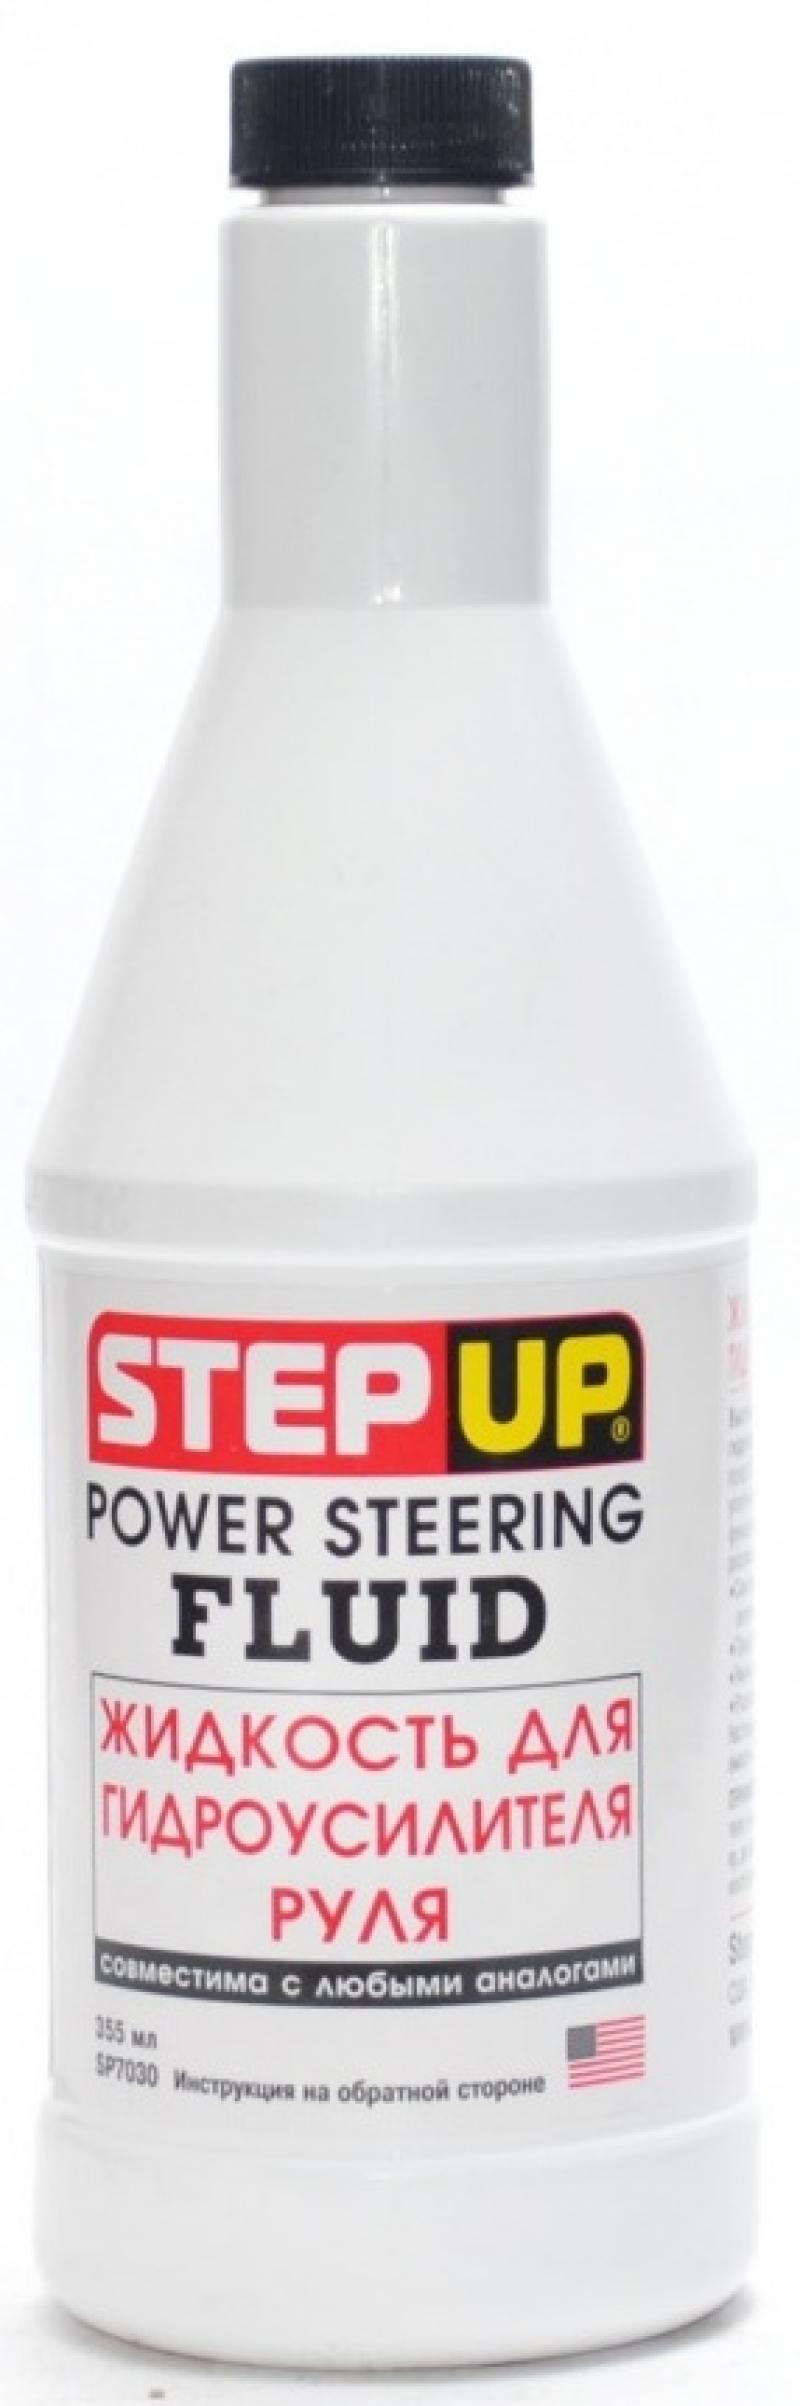 Жидкость для гидроусилителя руля Hi Gear SP 7030 STEP UP салфетки hi gear hg 5585